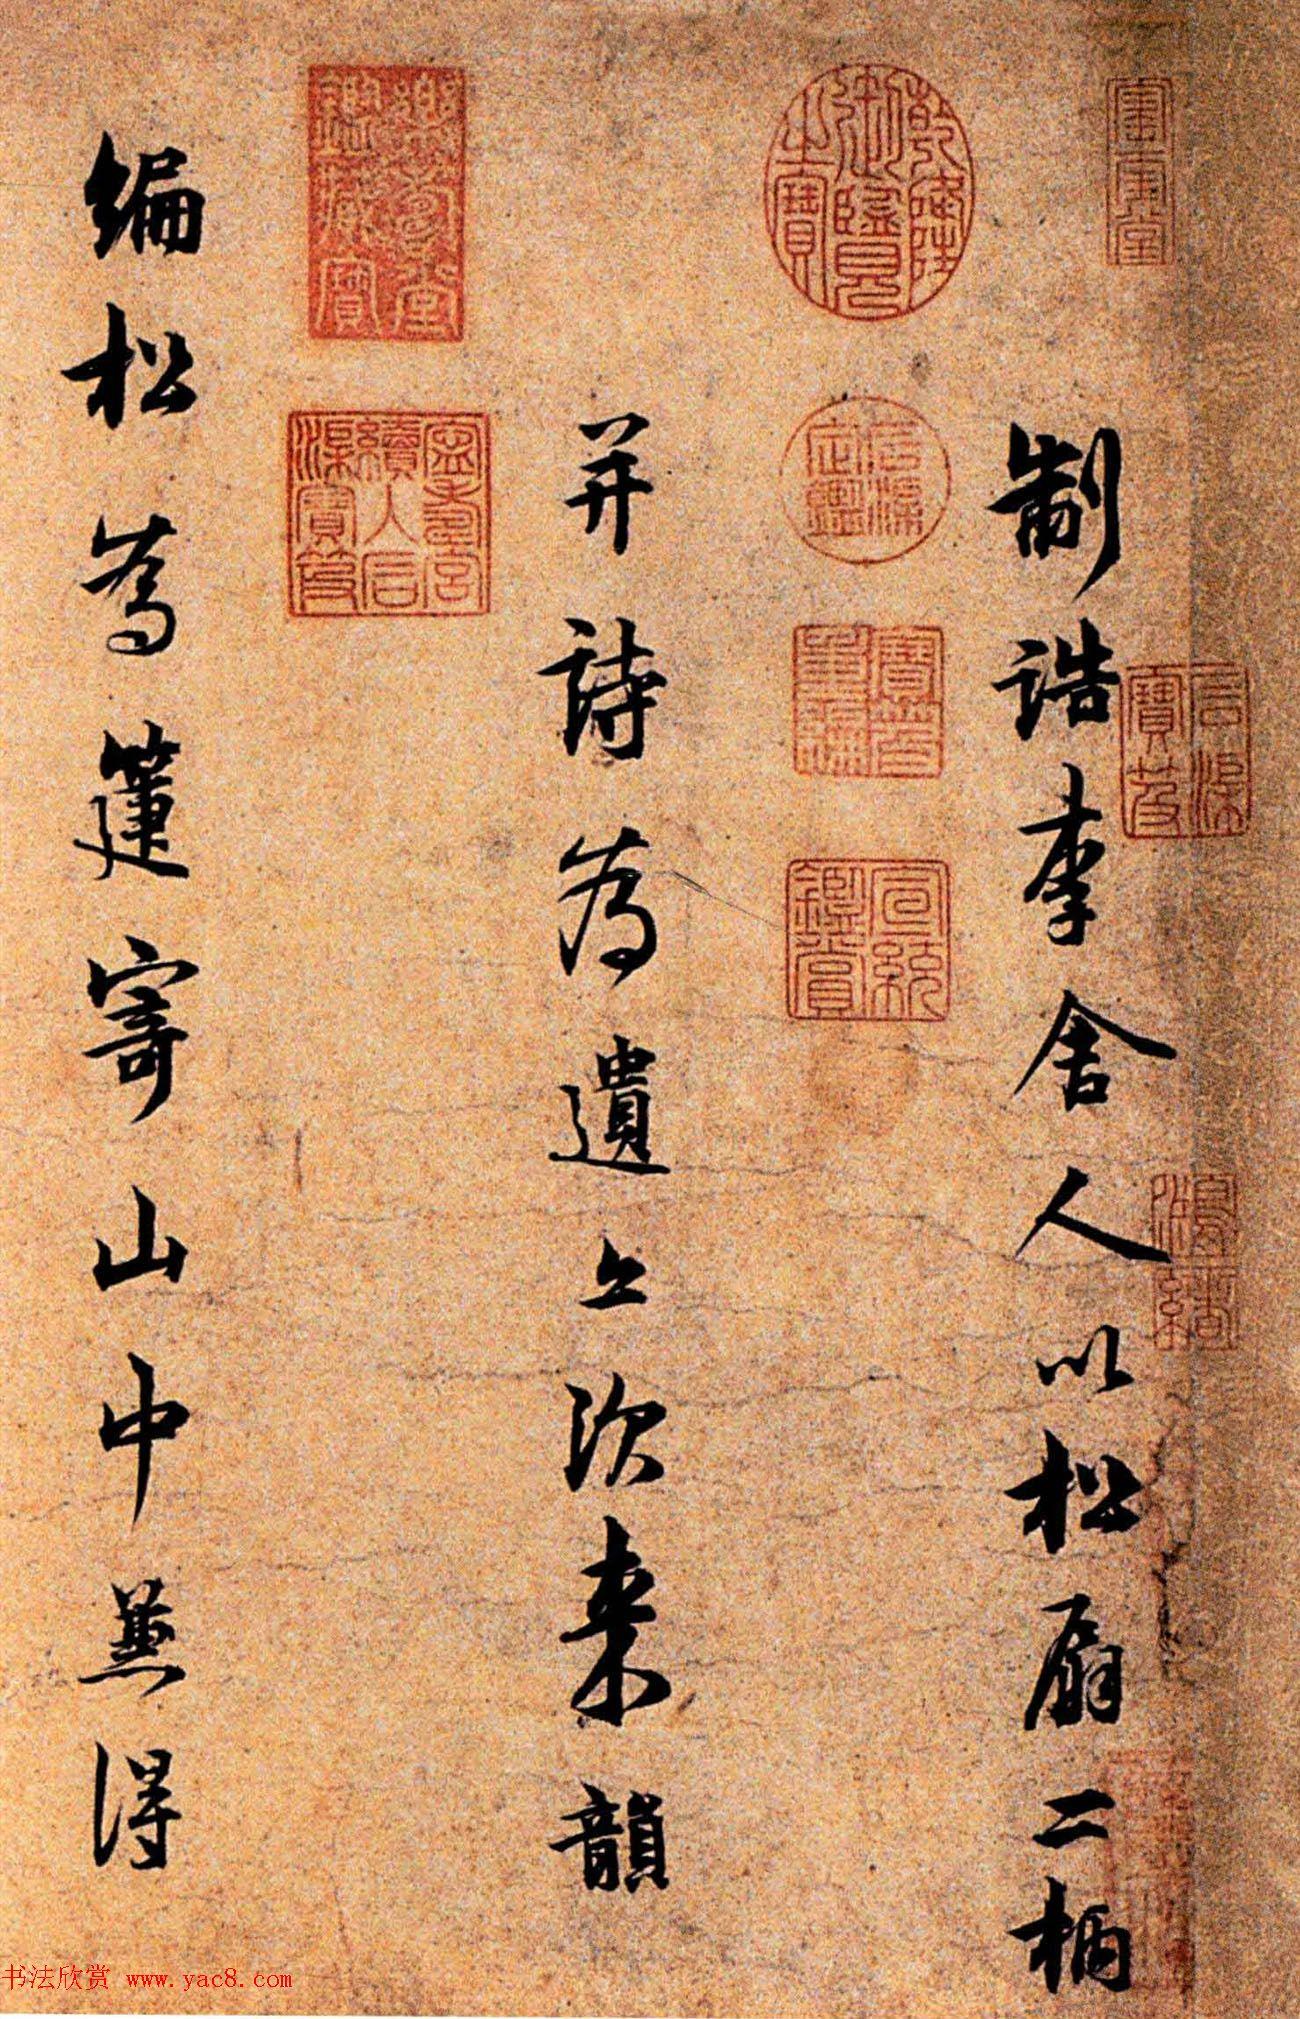 北宋著名诗人林逋行书赏析《自书诗卷》